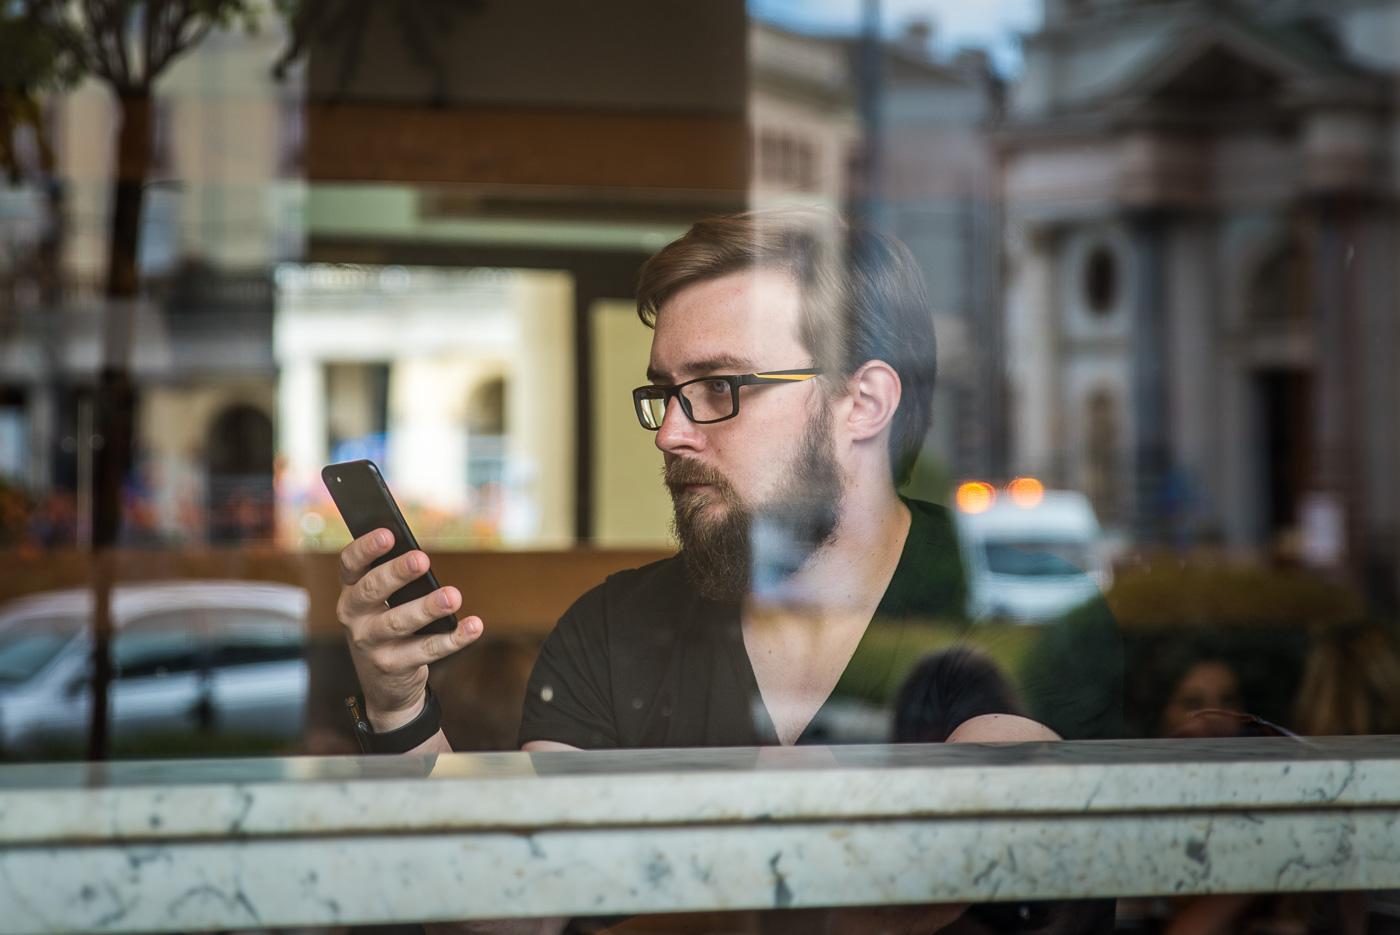 Dwie ukryte funkcje iPhone'a 7, o których mogłeś nie wiedzieć